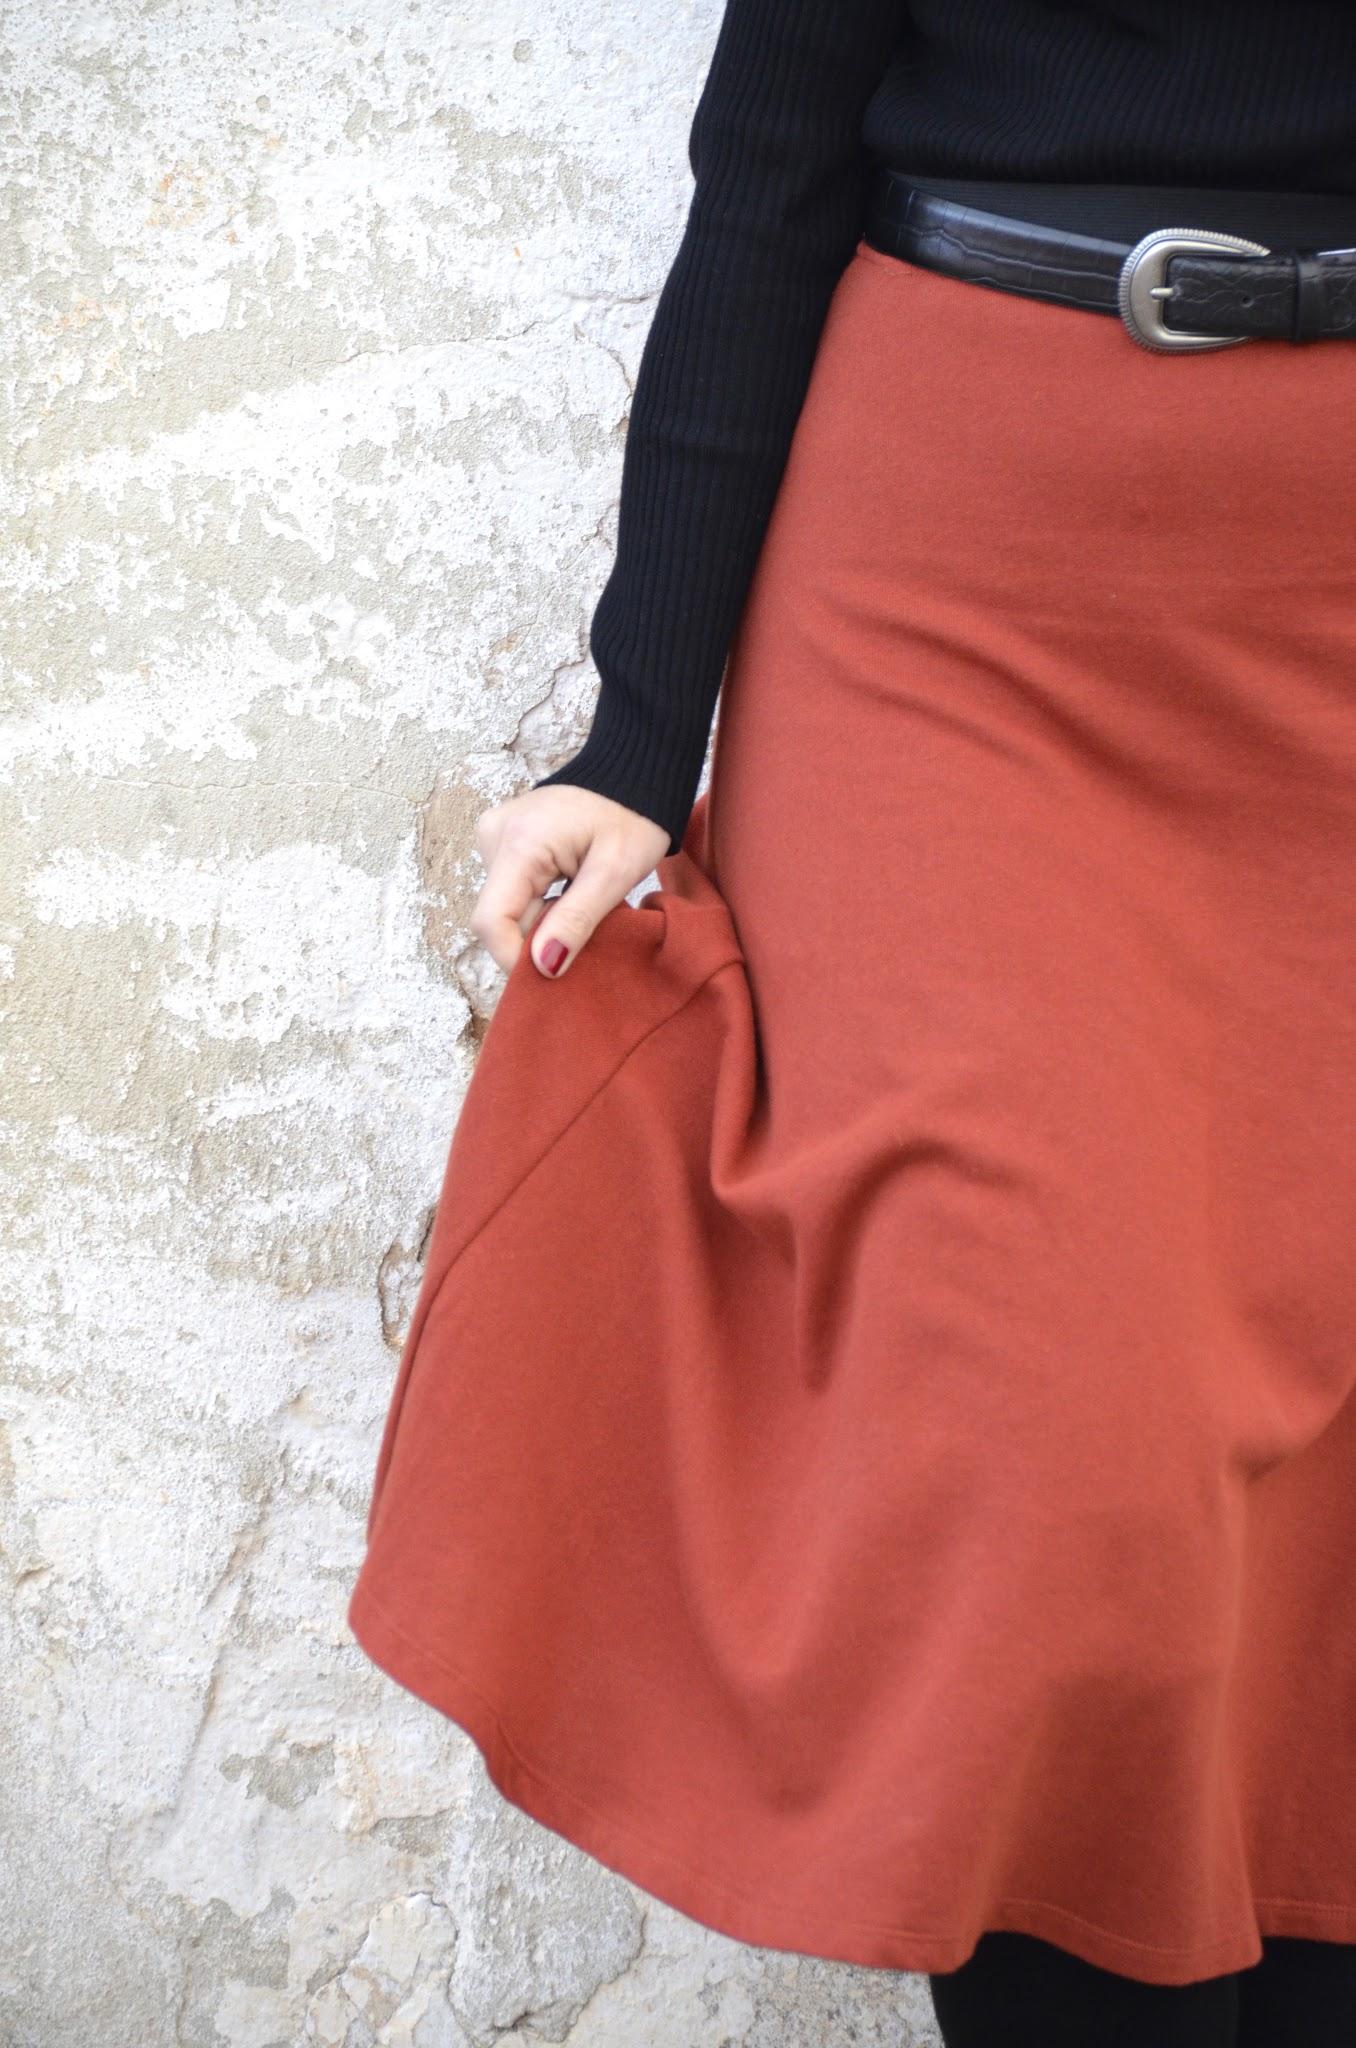 falda color teja y botas por encima de la rodilla